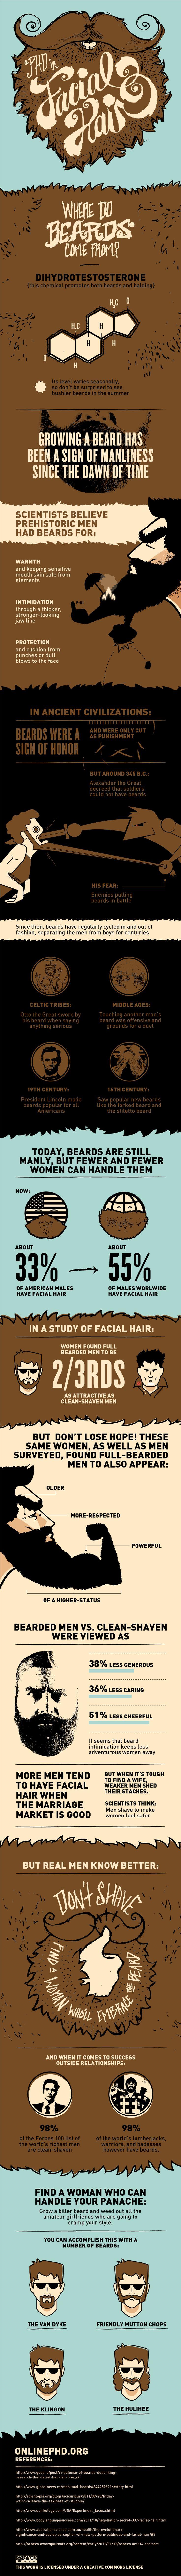 A PhD In Facial Hair